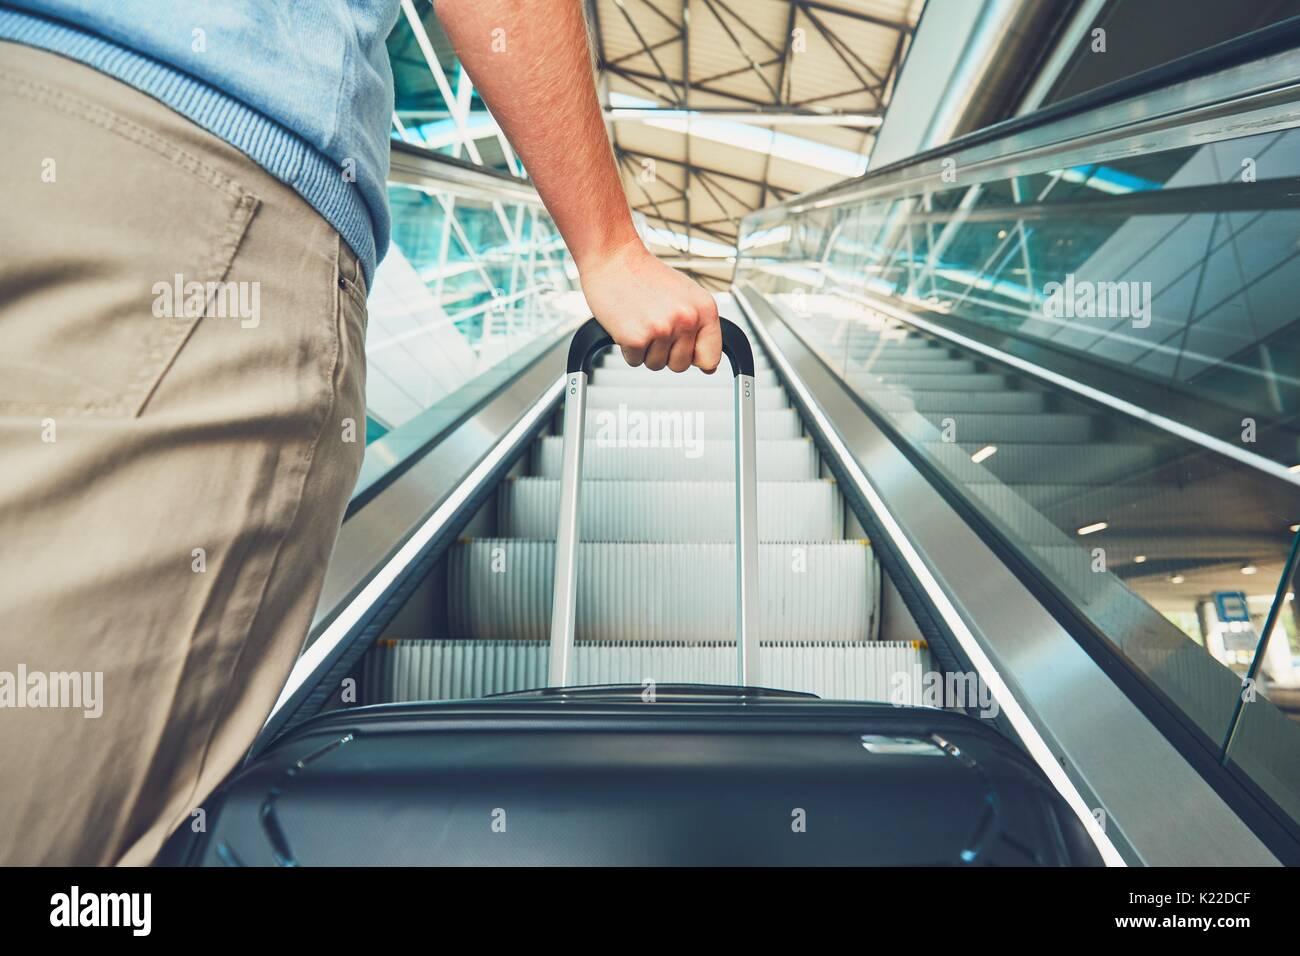 El hombre viajar en avión. Parte de los pasajeros con equipaje en la escalera mecánica en el aeropuerto. Imagen De Stock